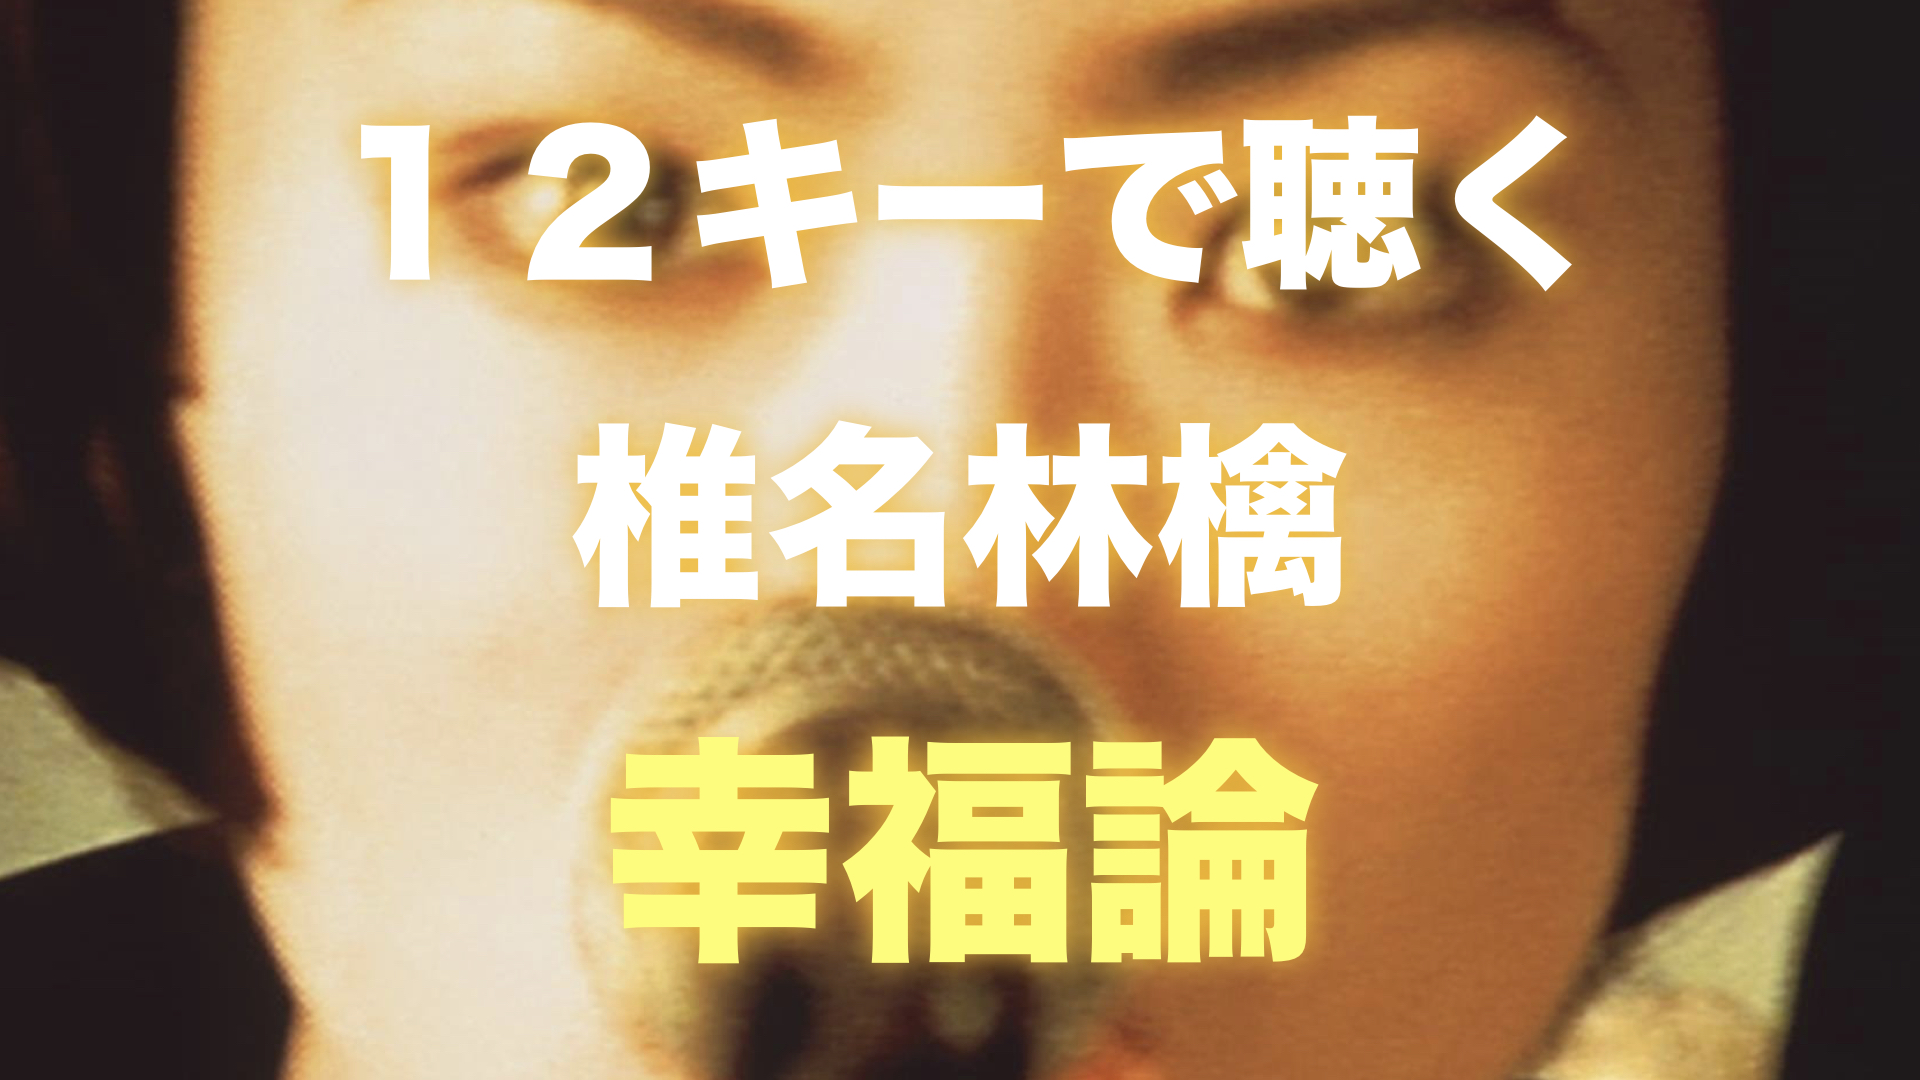 相対音感トレーニング【椎名林檎 幸福論】